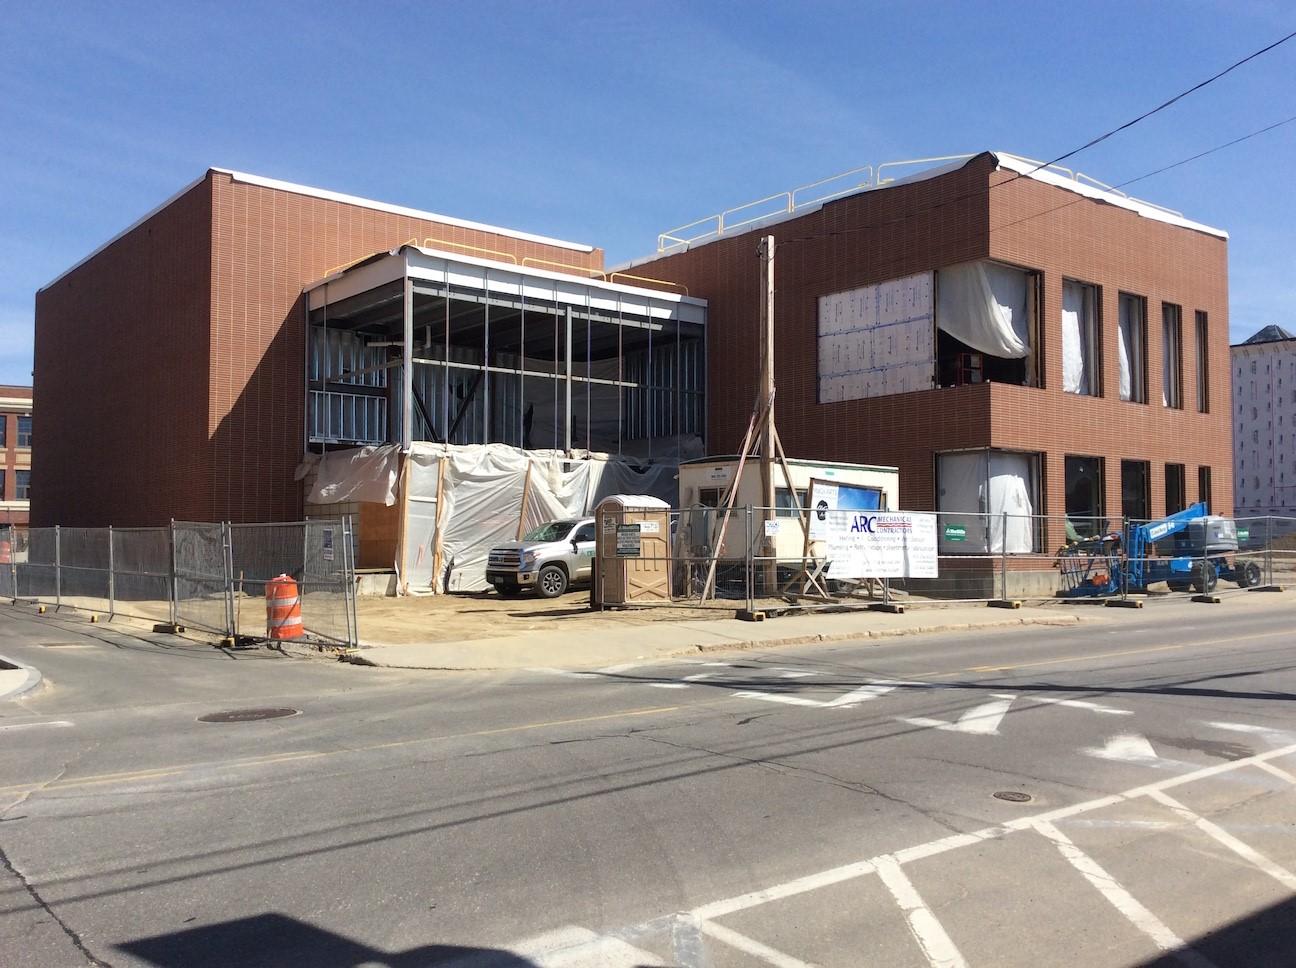 The building site April 2018